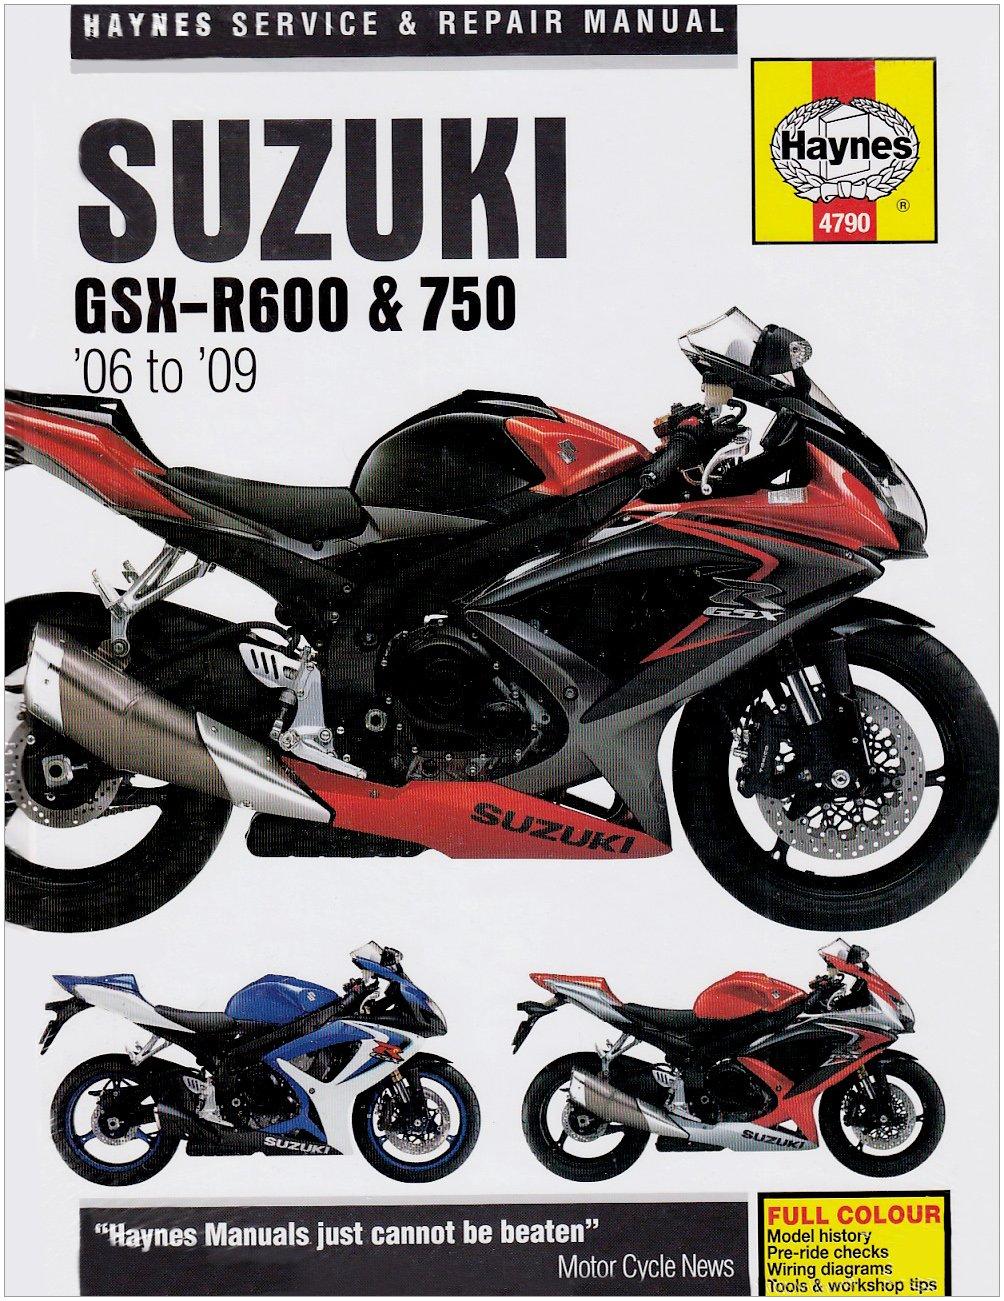 2006 gsxr 100 wiring schematics title suzuki gsx r600 and 750 service and repair manual 2006 to  title suzuki gsx r600 and 750 service